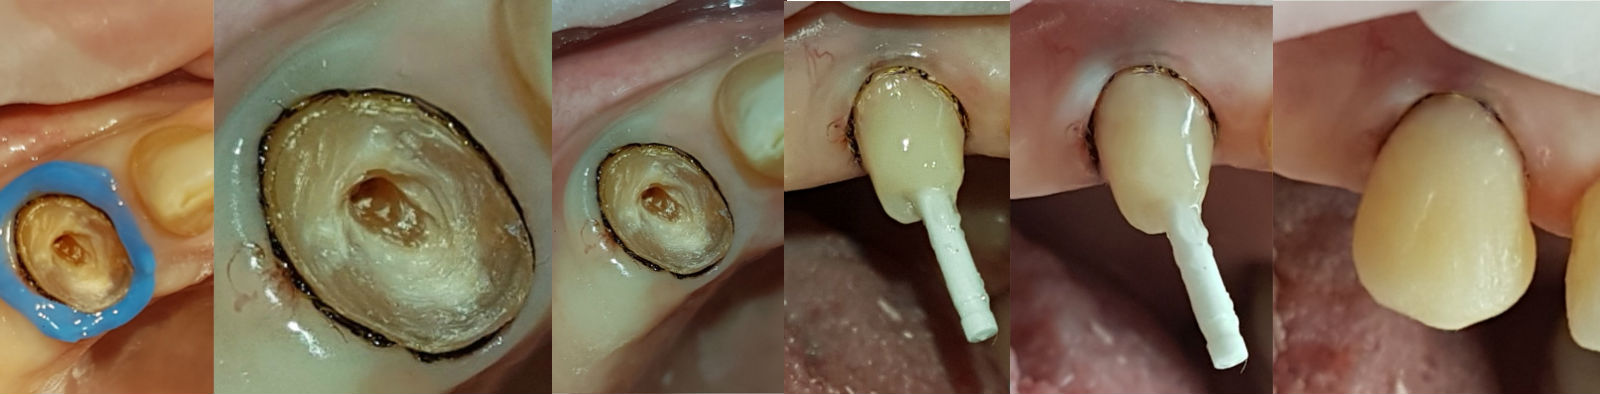 Наращивание сломанного зуба методом скульптурирования культевой части